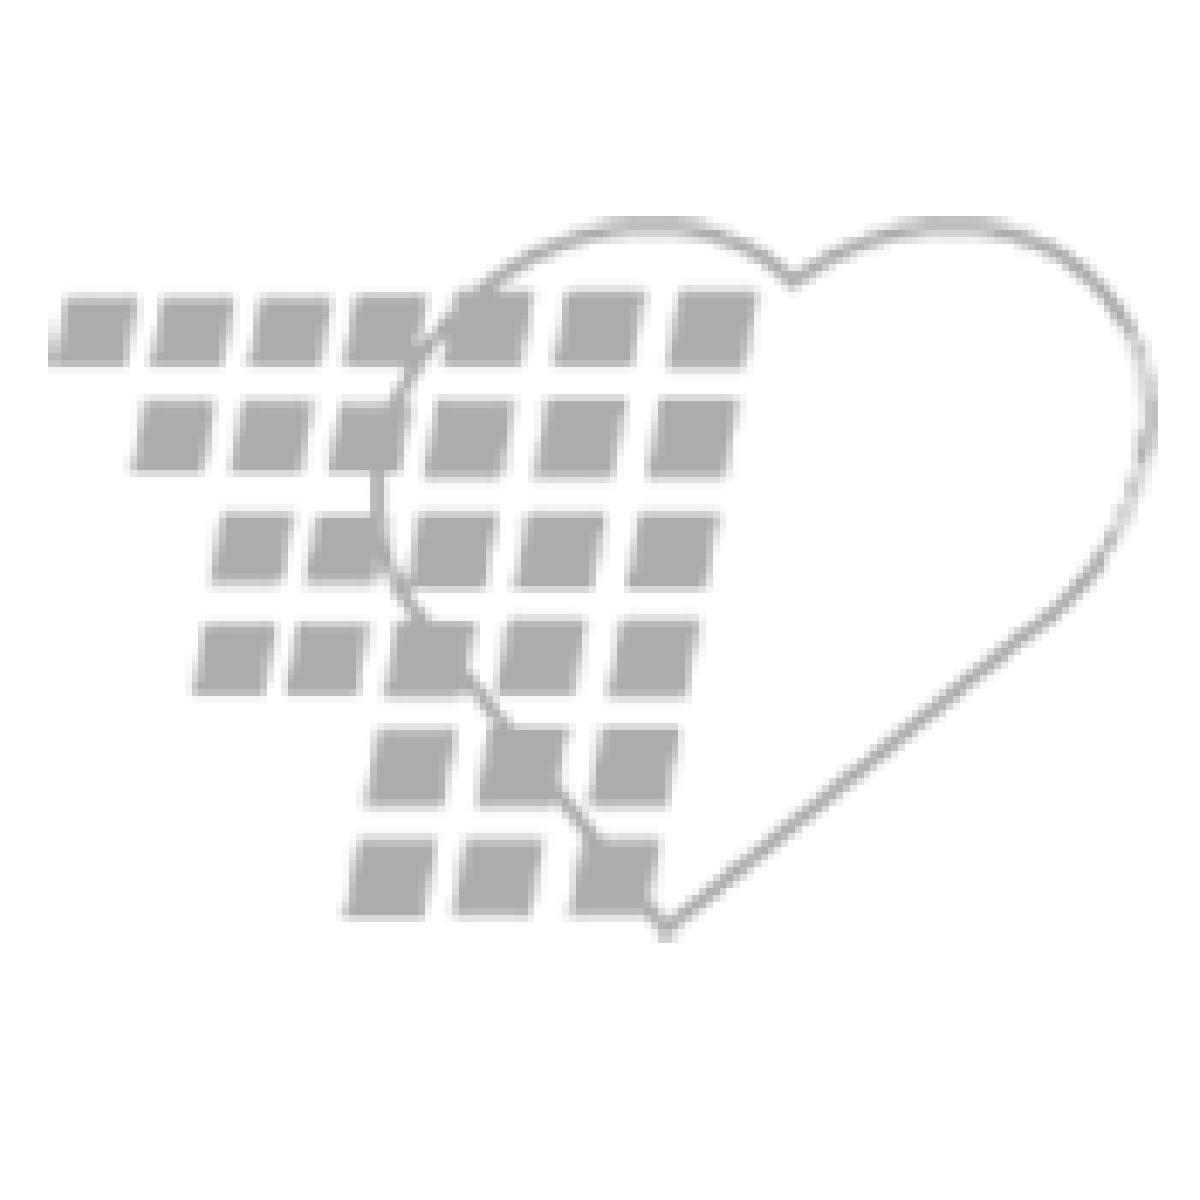 06-82-4425P JELCO® Hypodermic Needle-Pro® EDGE™ Safety Device Fixed Needle TB Syringe